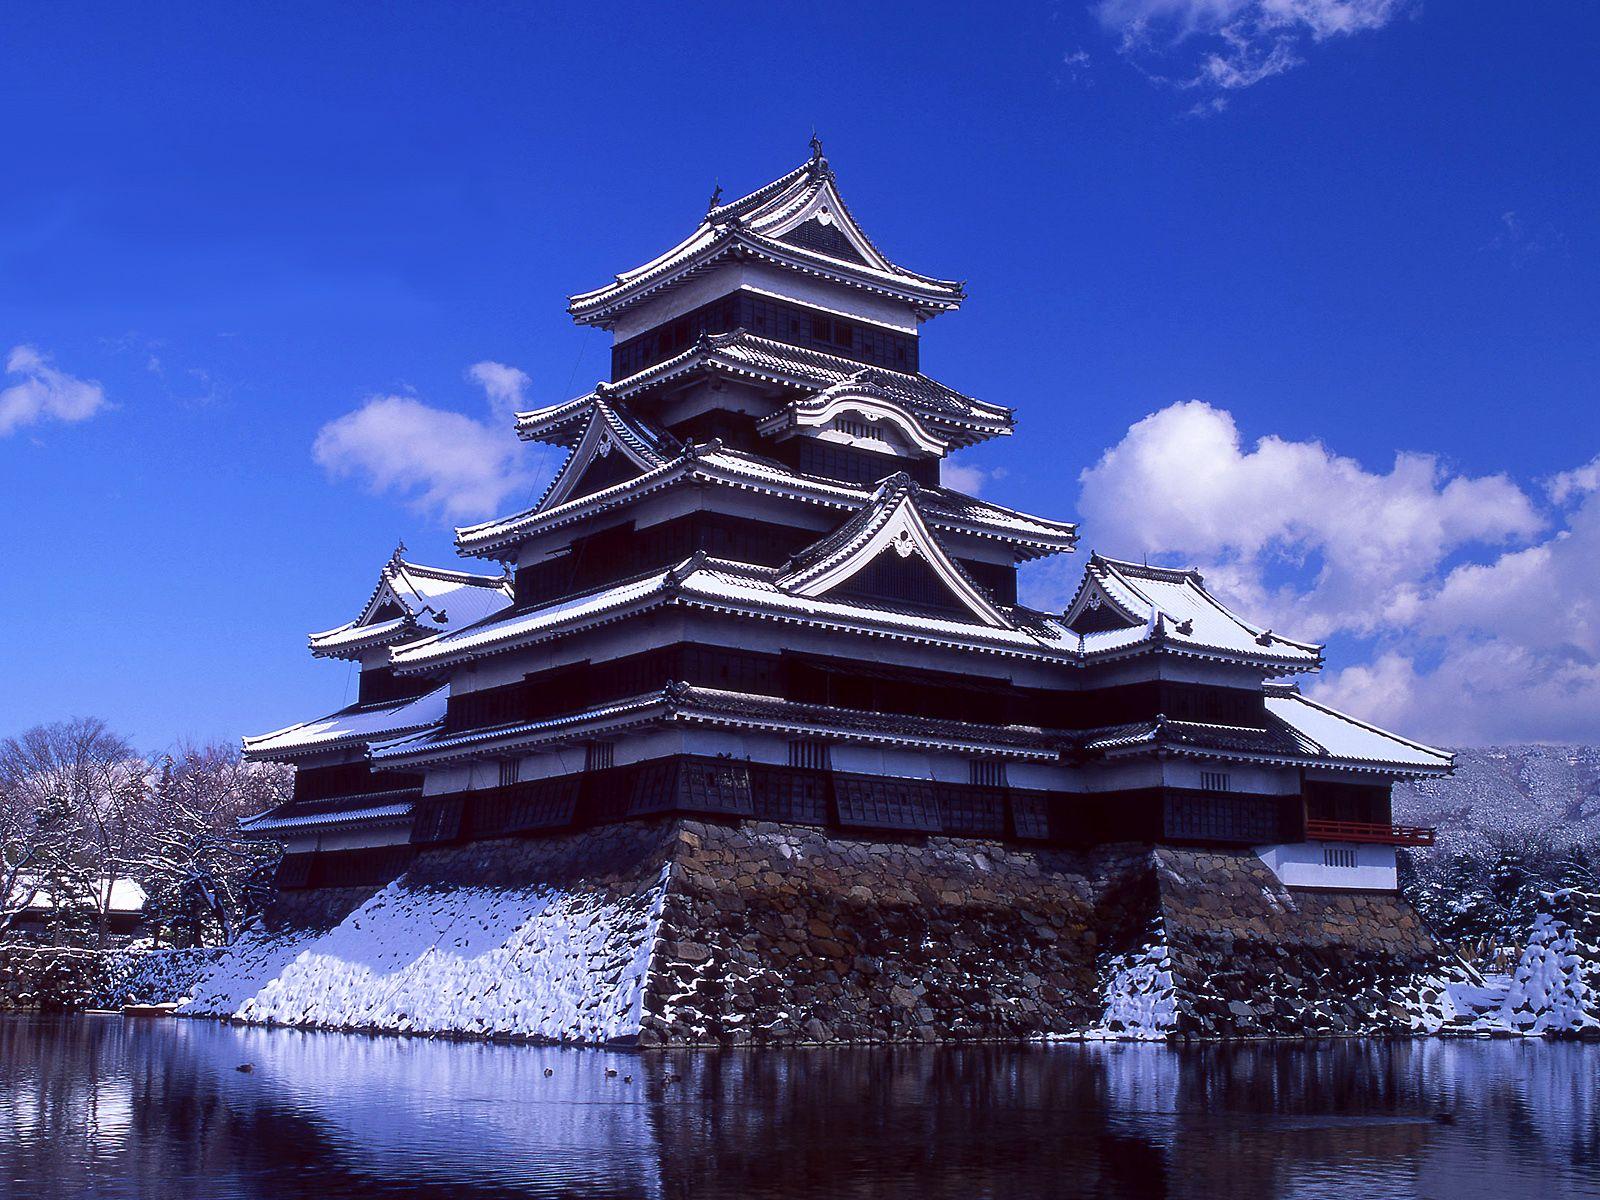 японский замок картинка главный информационно-политический журнал